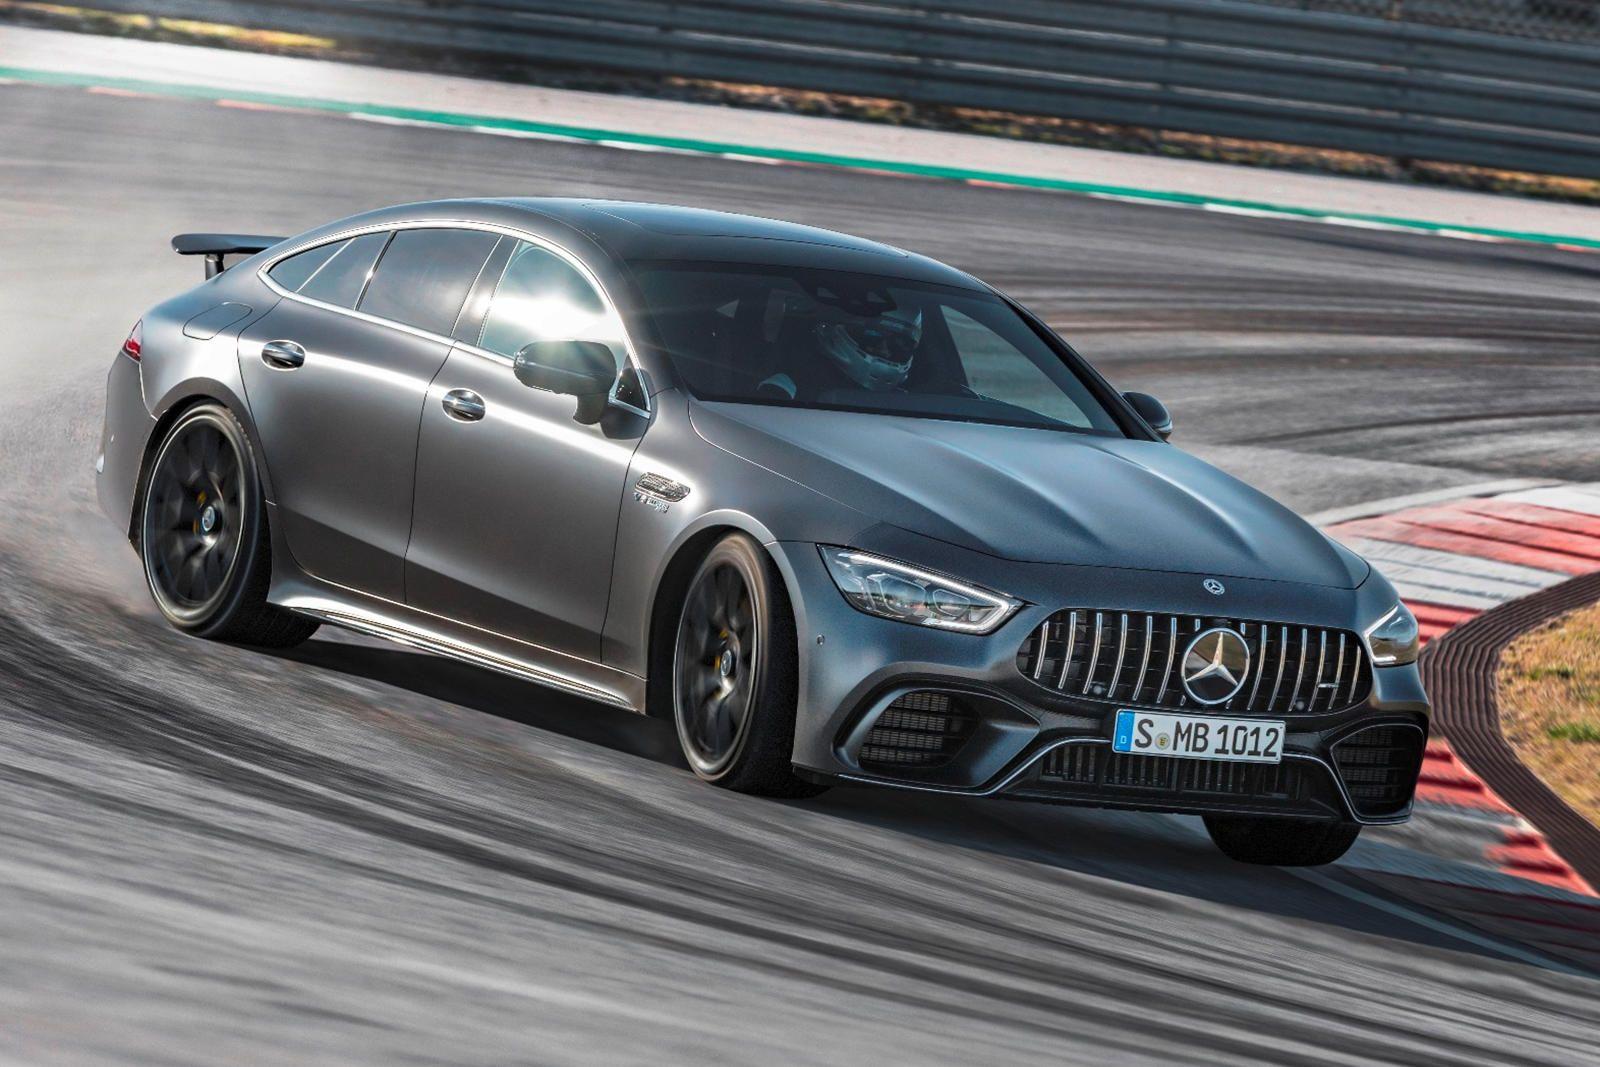 Mercedes Amg Gt 4 Door Coupe Gets Eye Watering Price Tag Mercedes Benz Price Mercedes Amg Amg